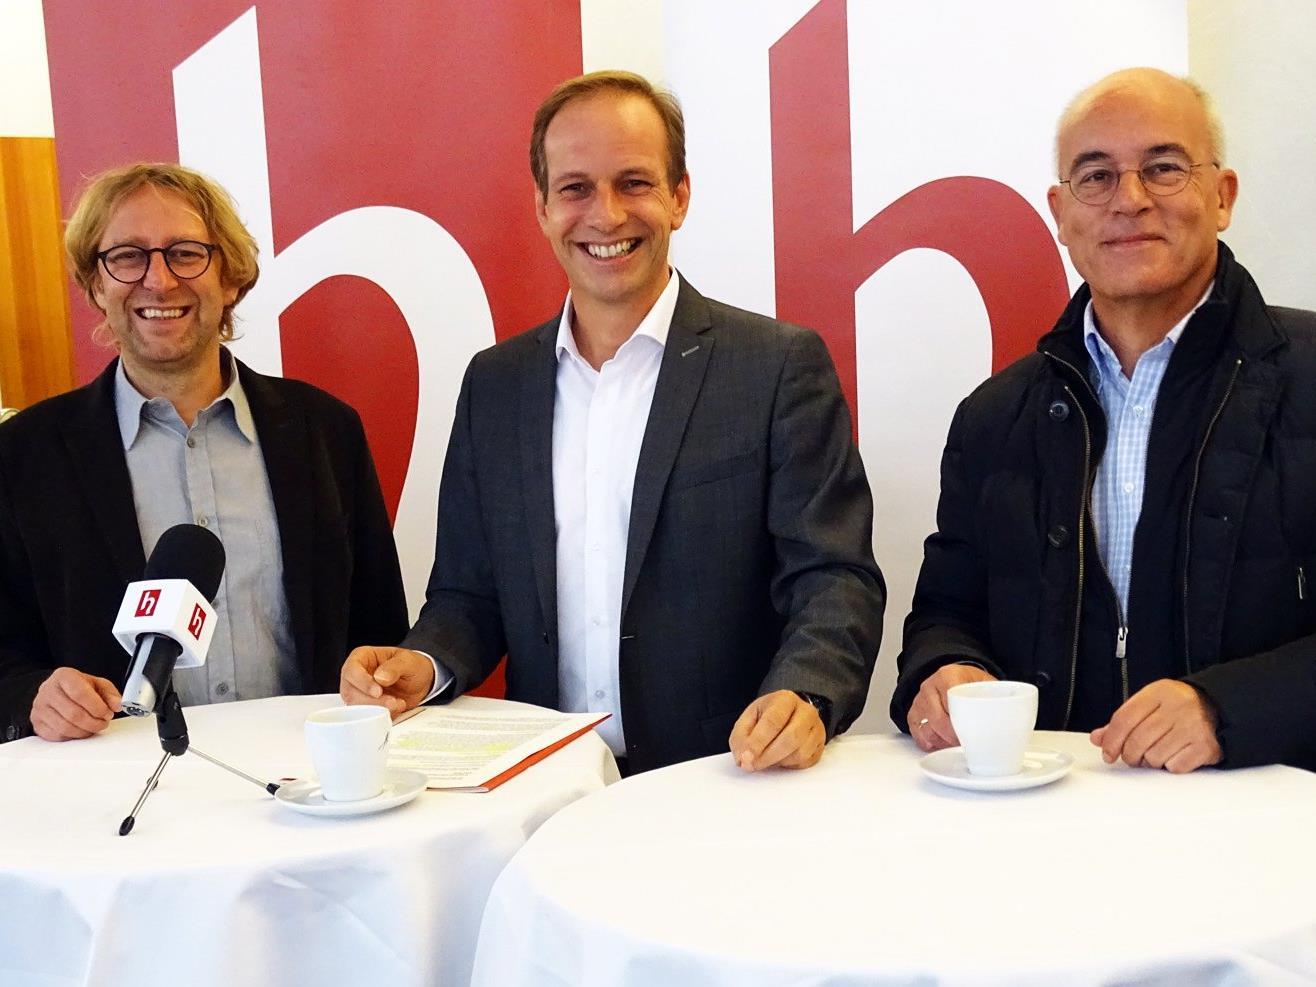 v. l. Stadtplaner DI Bernd Federspiel, Bürgermeister Dieter Egger, Bauamtsleiter DI Markus Heinzle